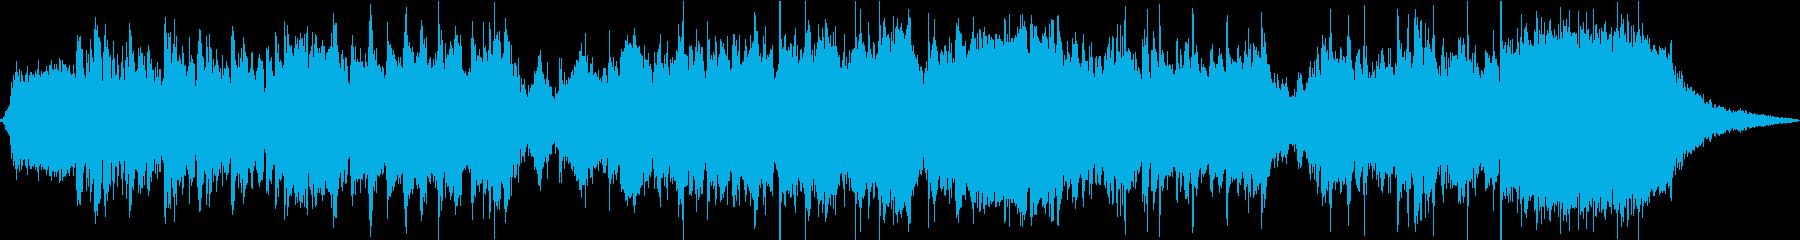 ティムバートンの映画とゾンビカーニ...の再生済みの波形